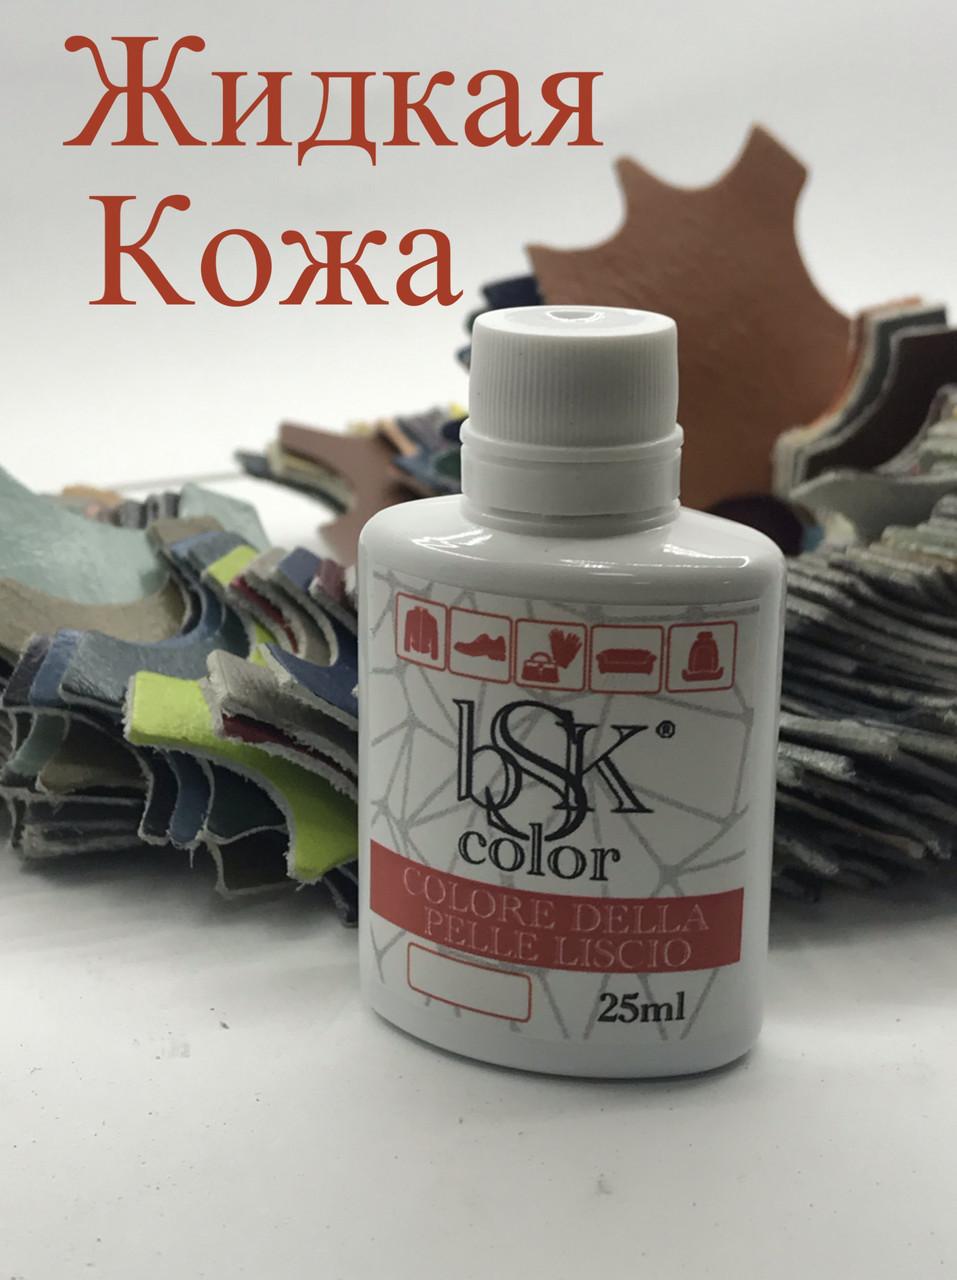 Жидкая кожа , bsk-color